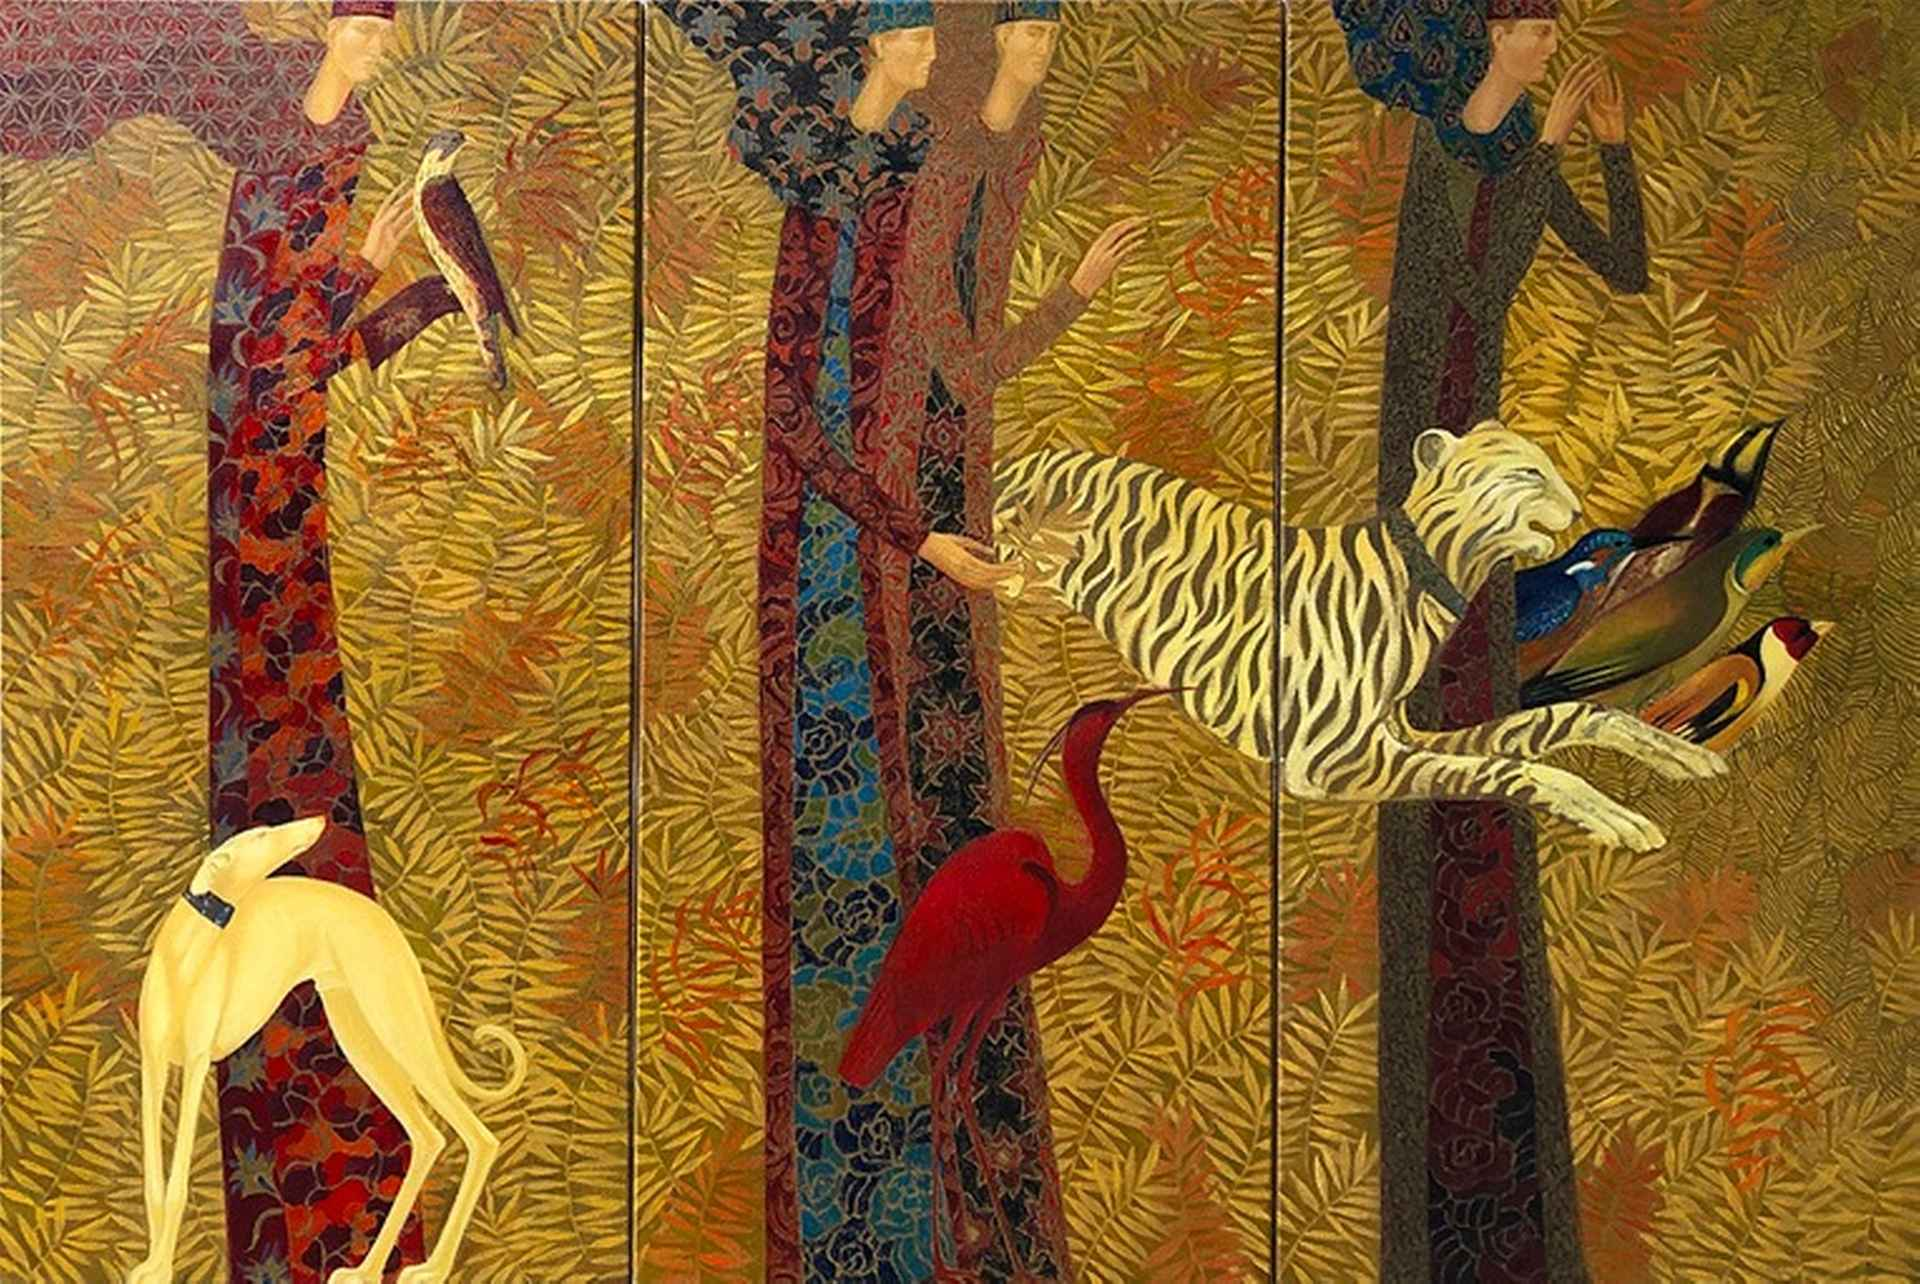 Enchantment by Timur D'Vatz